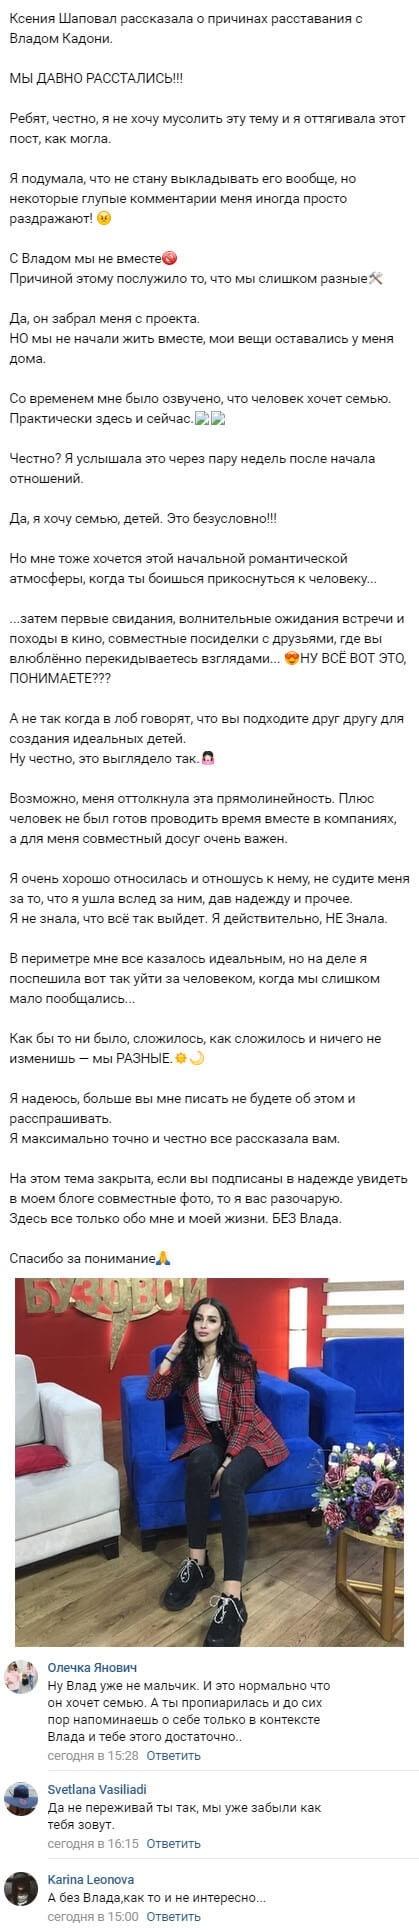 Ксения Шаповал не выдержала и призналась почему бросила Влада Кадони